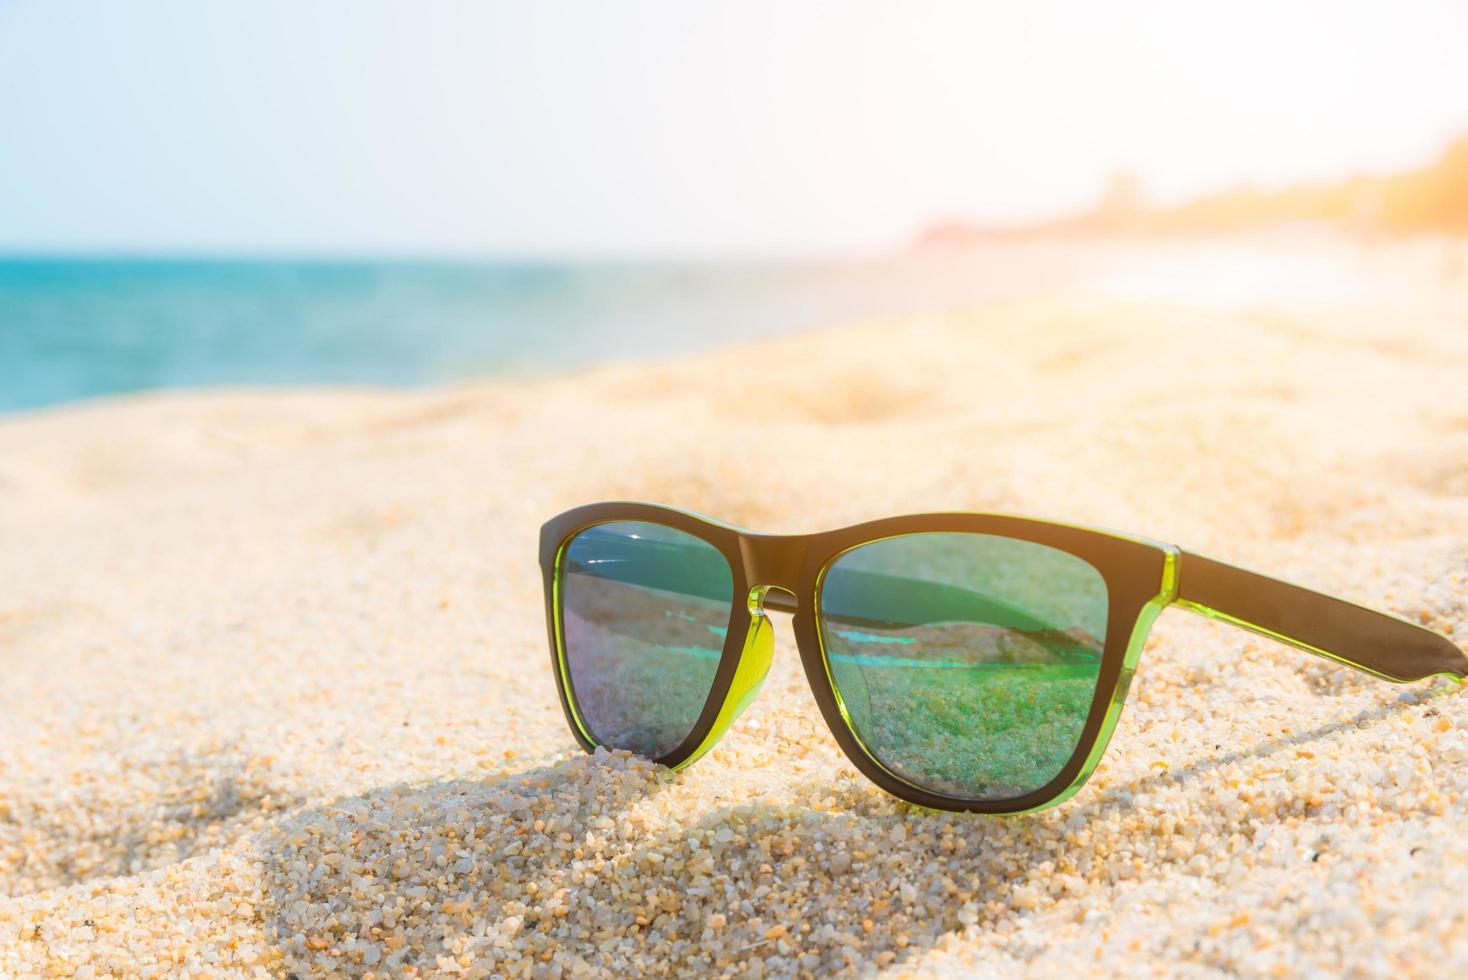 zonnebril op het strand foto